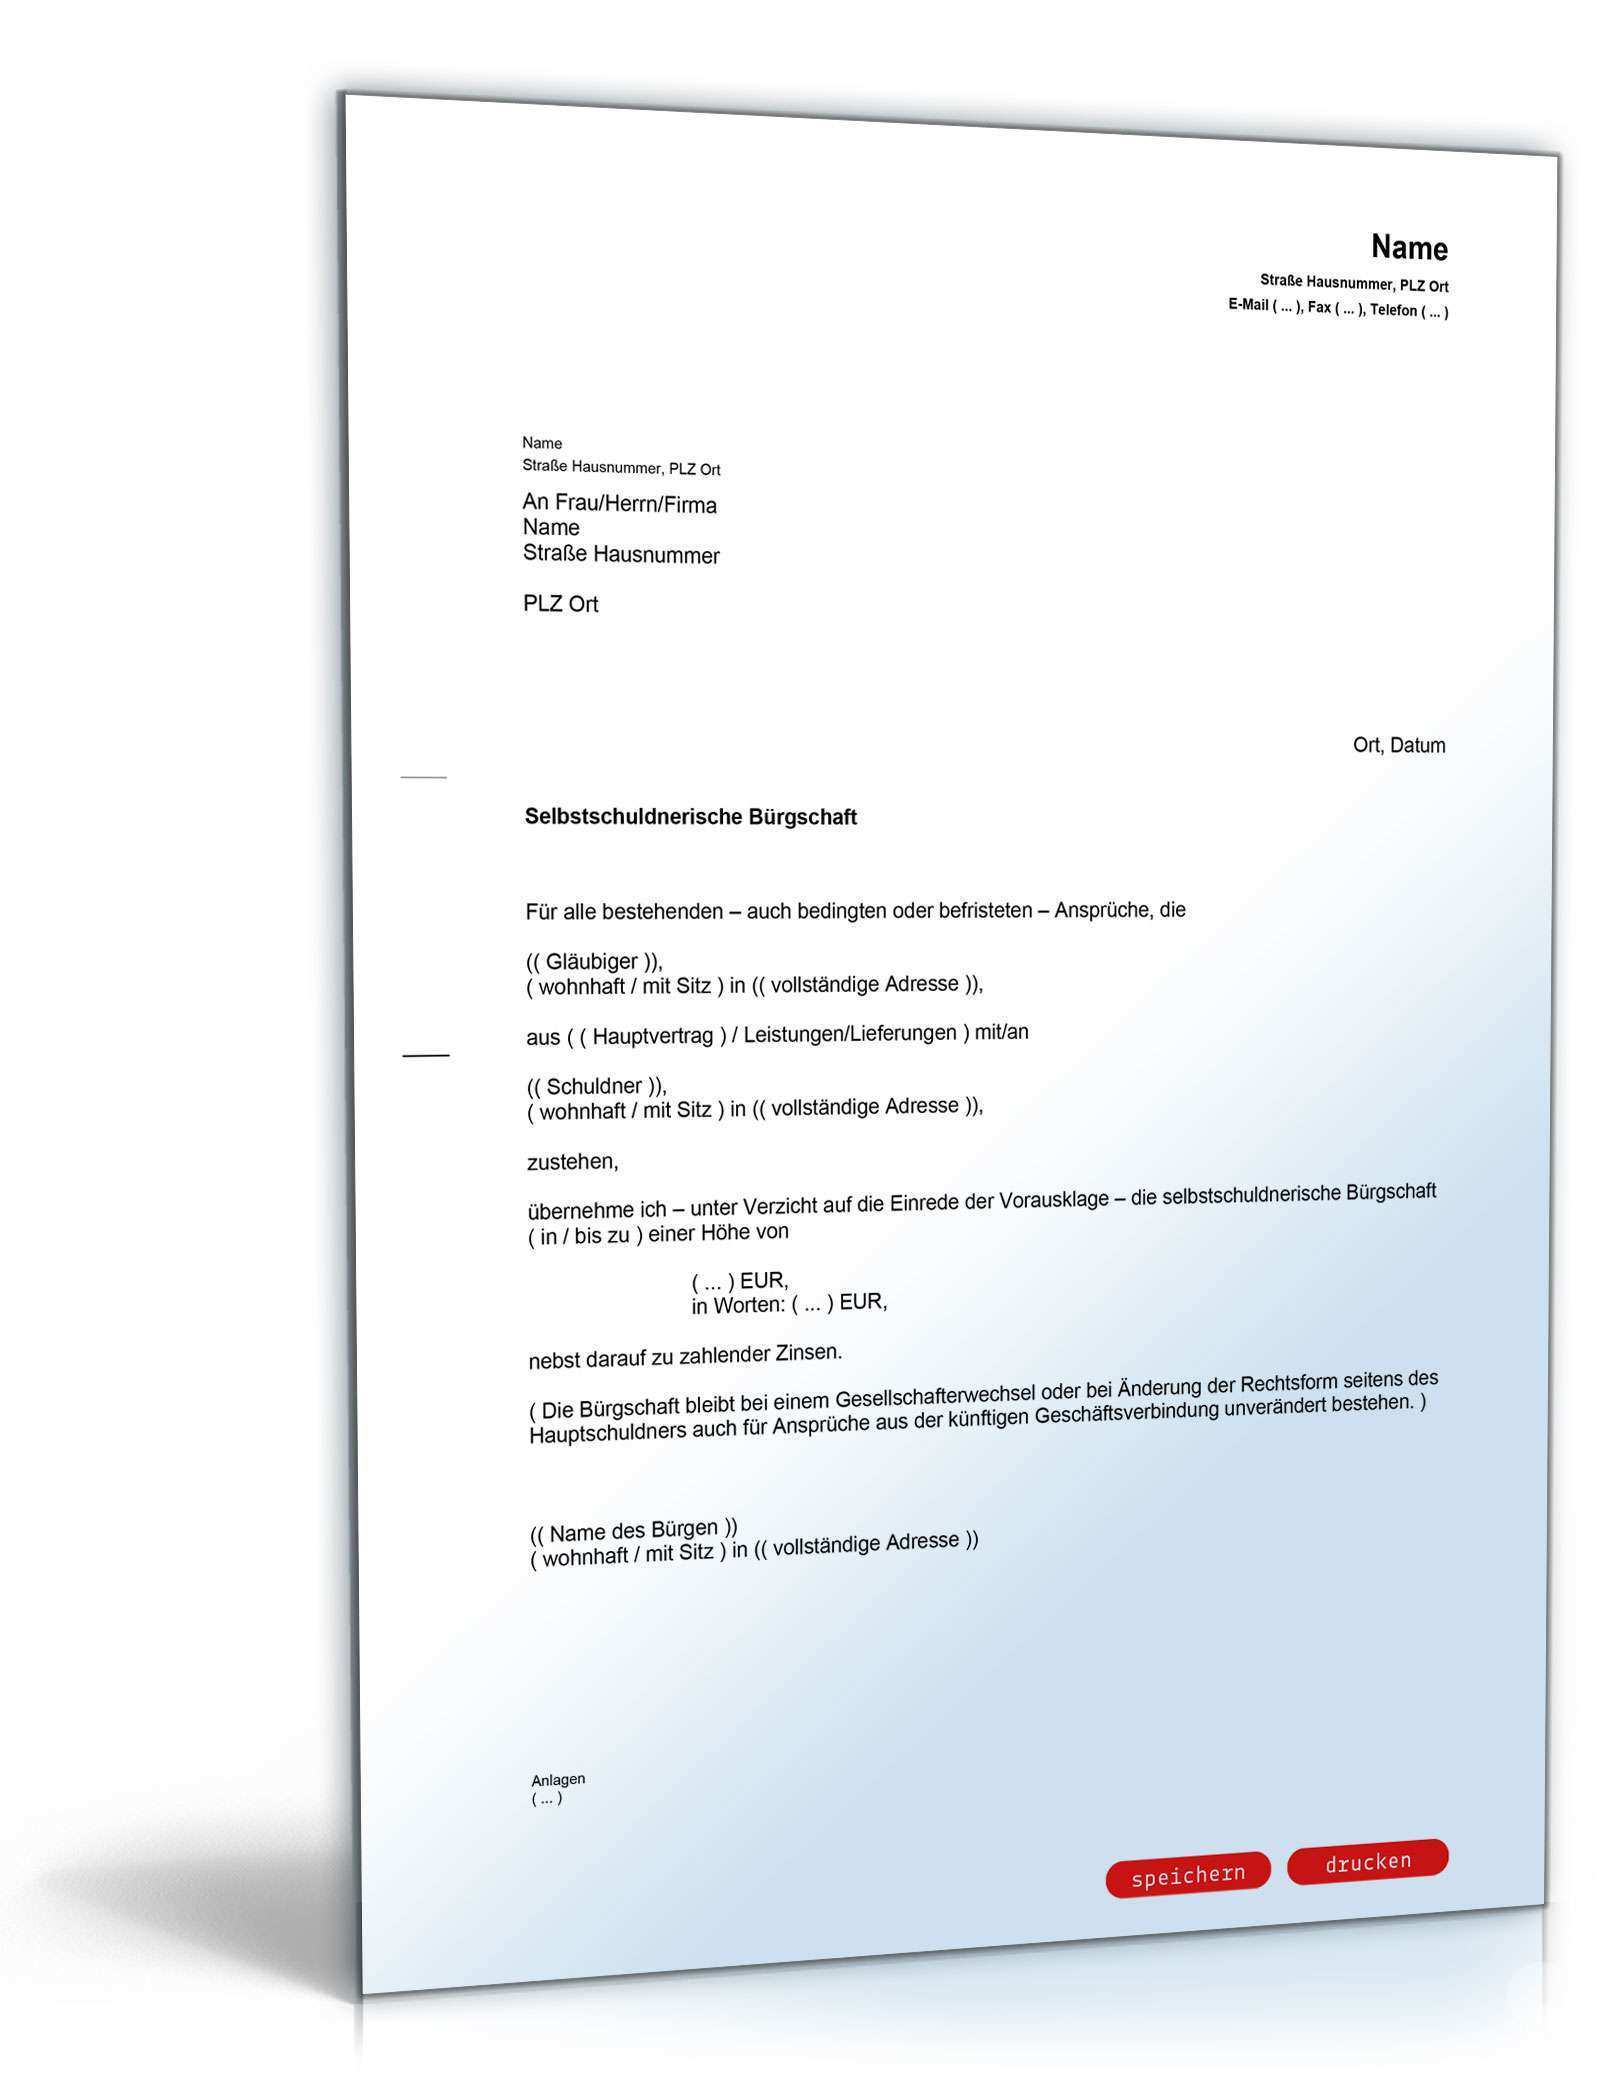 Selbstschuldnerische Burgschaft Als Brief Muster Vorlage Zum Download